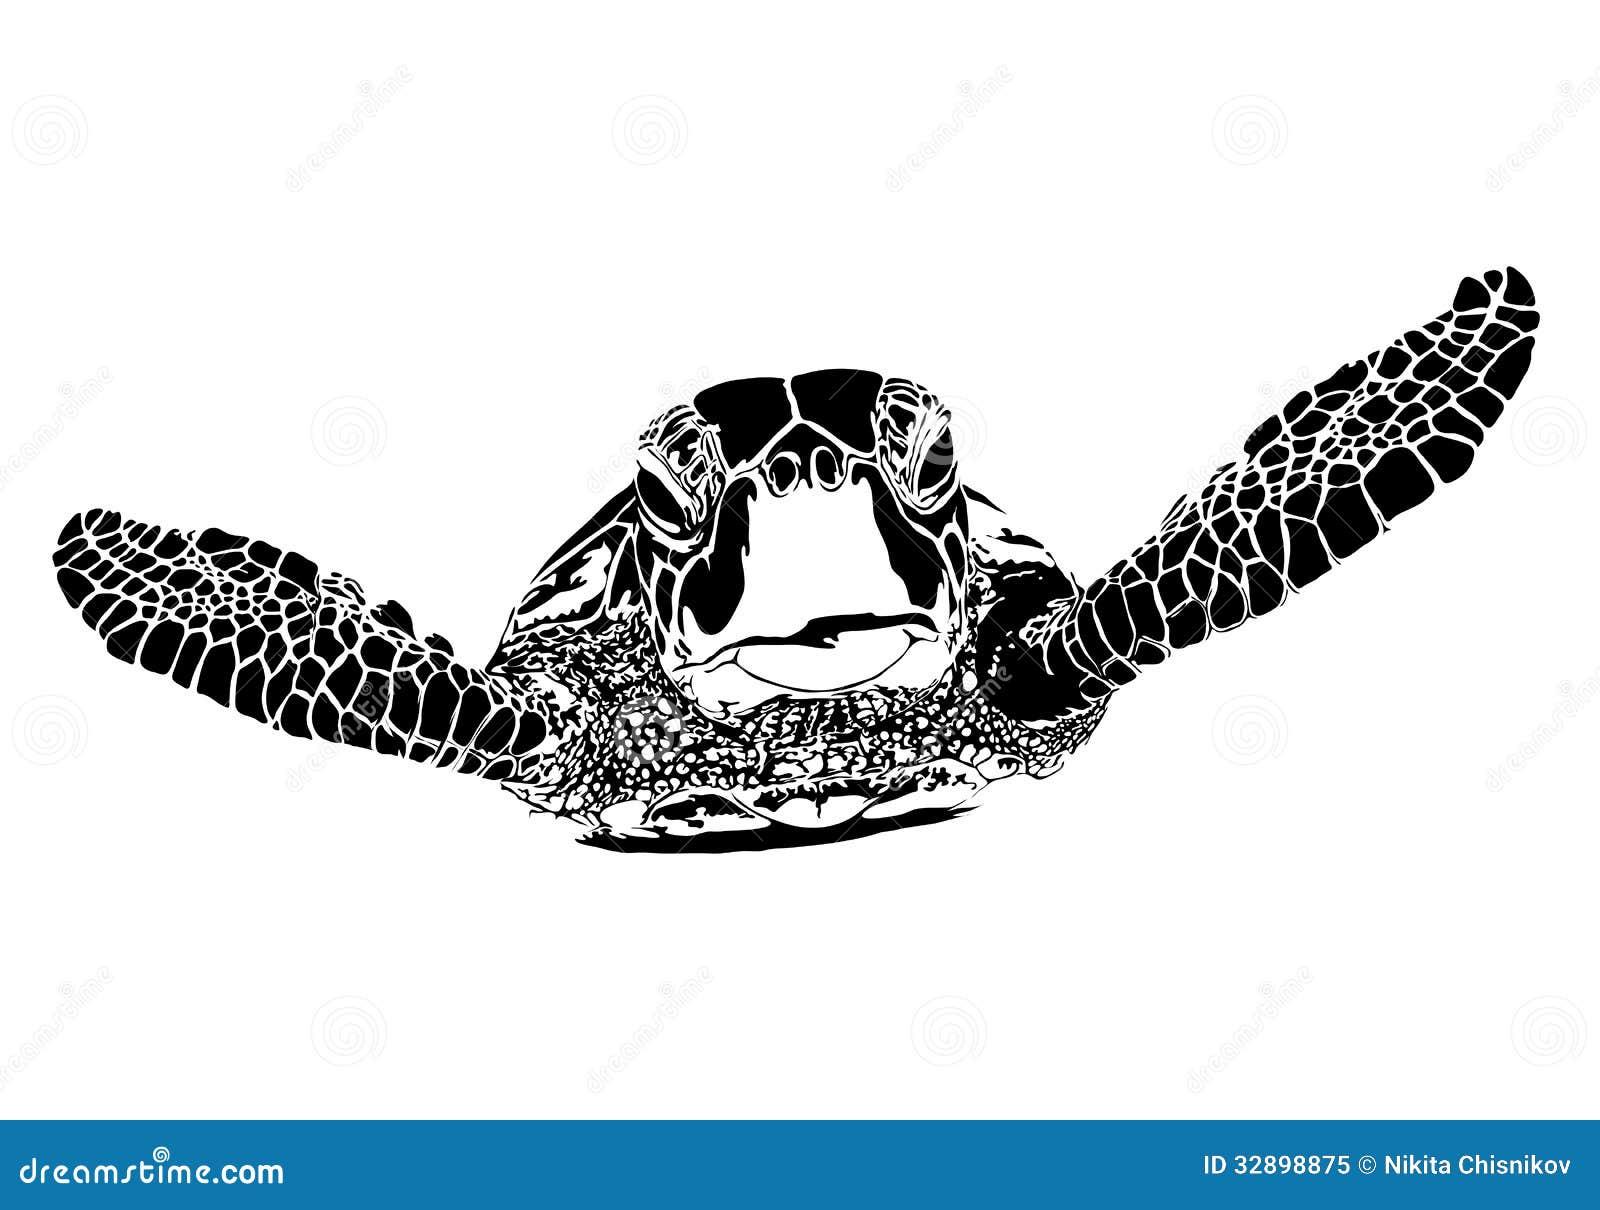 Sea Turtle Silhouette Clip Art Turtle silhouette on white